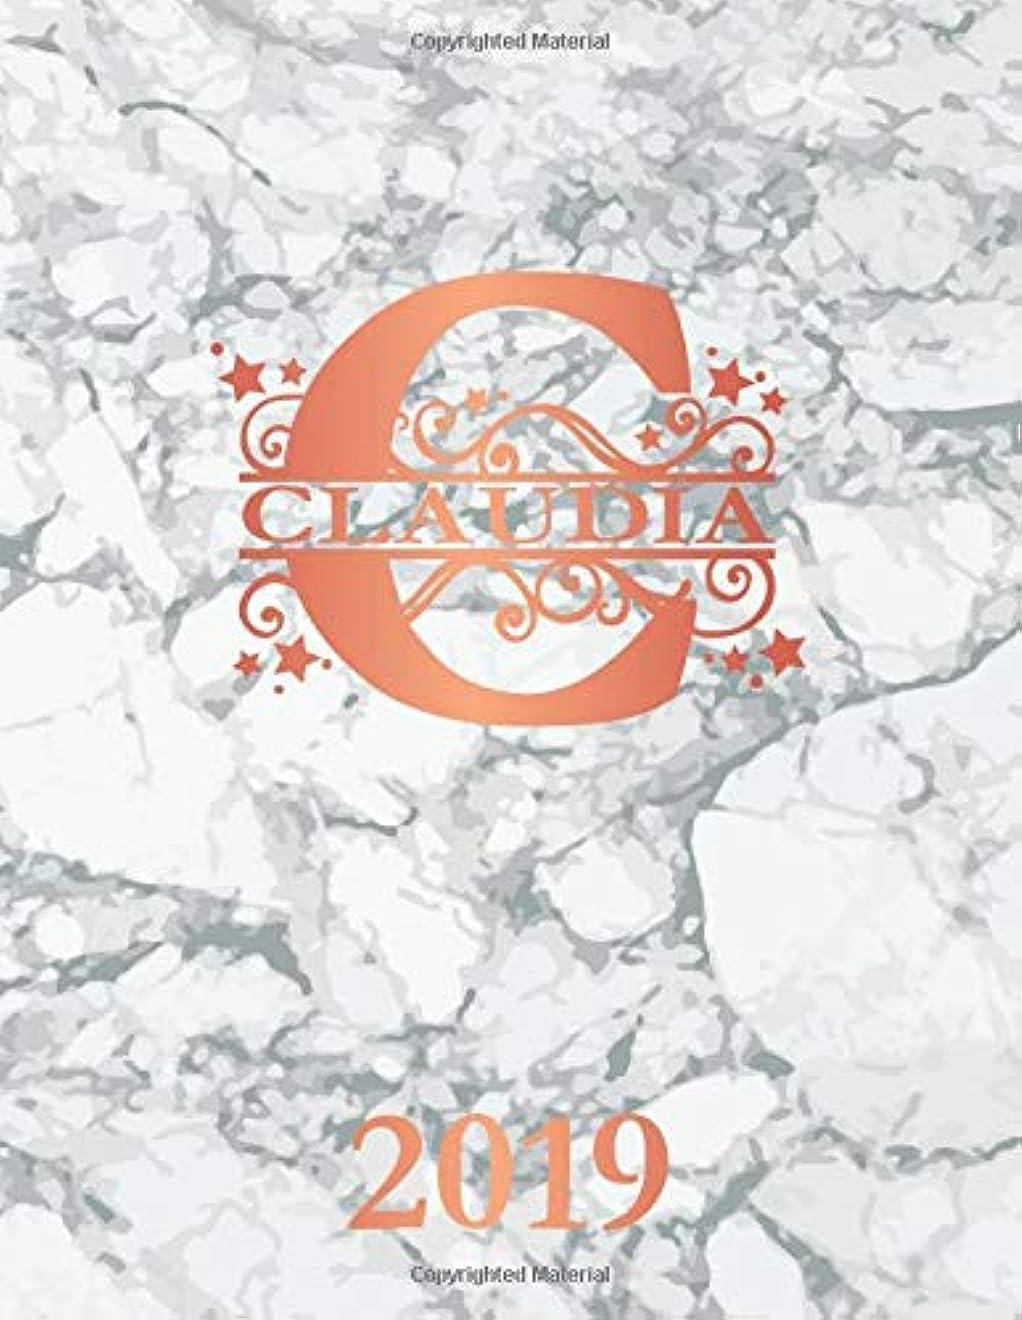 人生を作るレジ剃るClaudia 2019: Personalized Name Weekly Planner 2019. Monogram Letter C Notebook Planner. White Gray Marble & Rose Gold Cover. Datebook Calendar Schedule